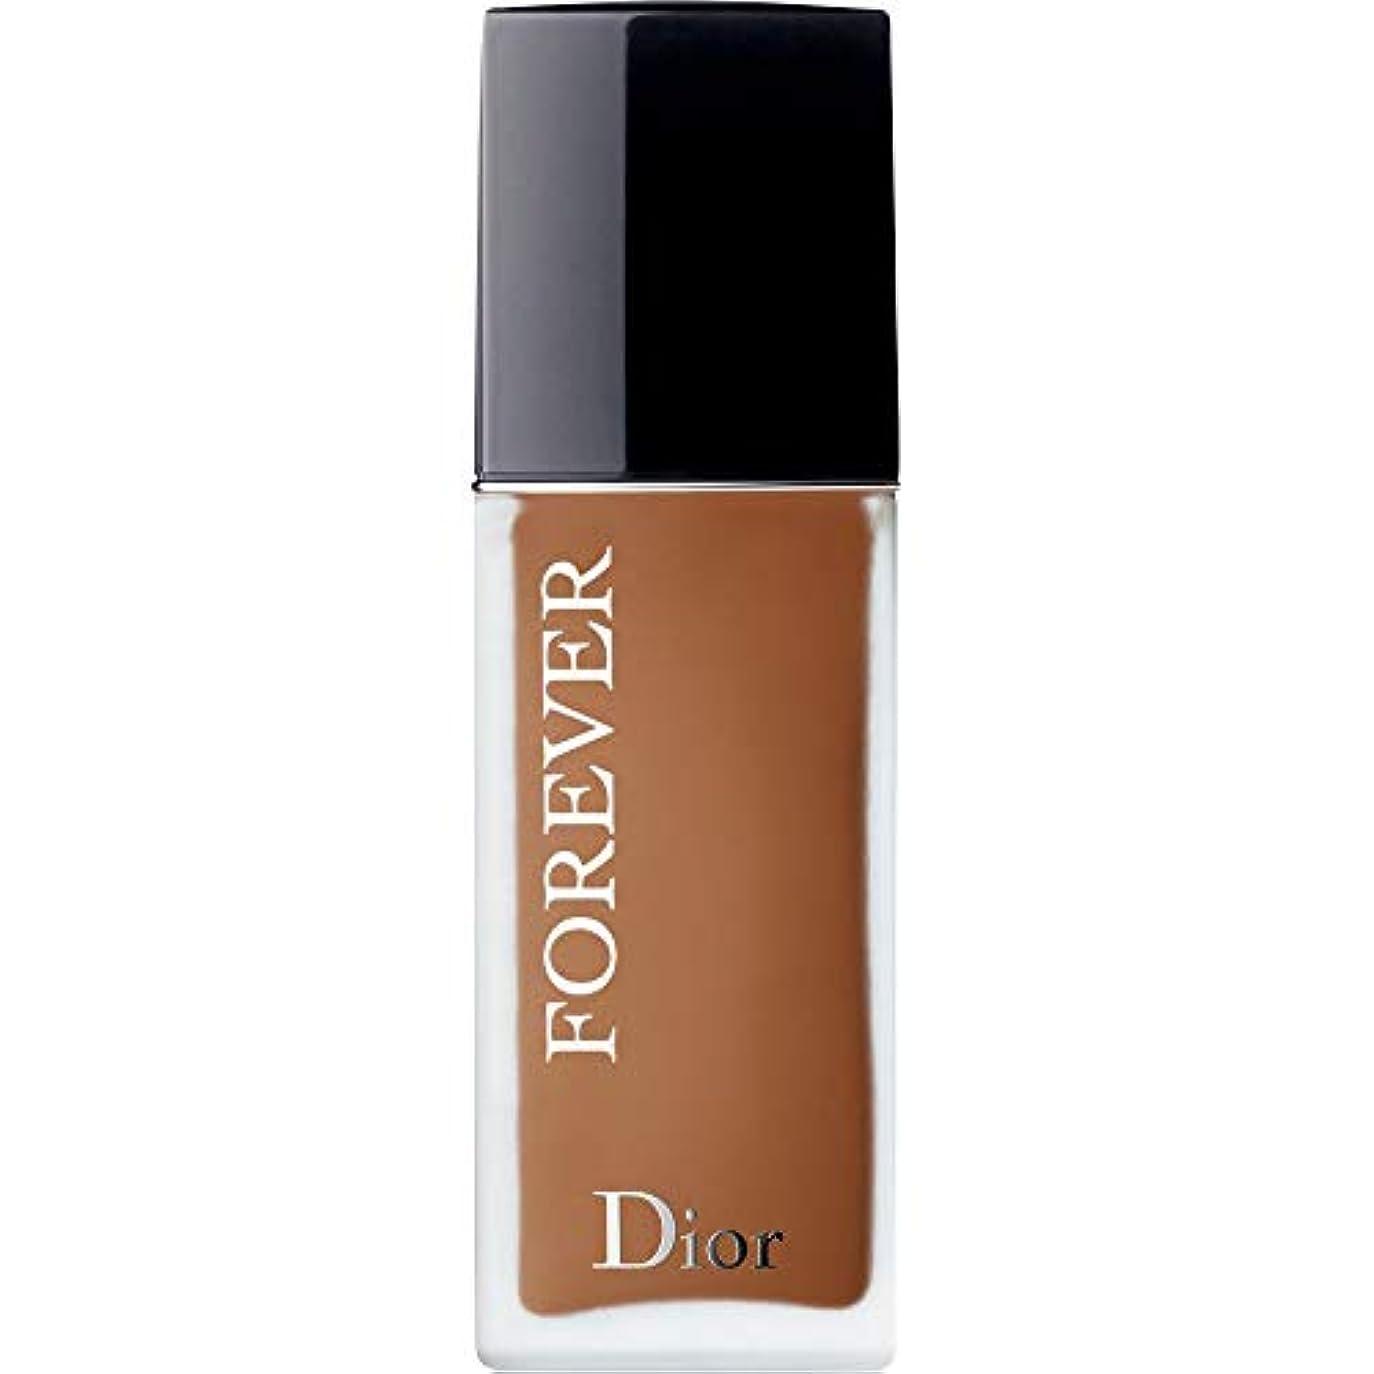 意志従事するしなければならない[Dior ] ディオール永遠皮膚思いやりの基盤Spf35 30ミリリットルの6N - ニュートラル(つや消し) - DIOR Forever Skin-Caring Foundation SPF35 30ml 6N -...